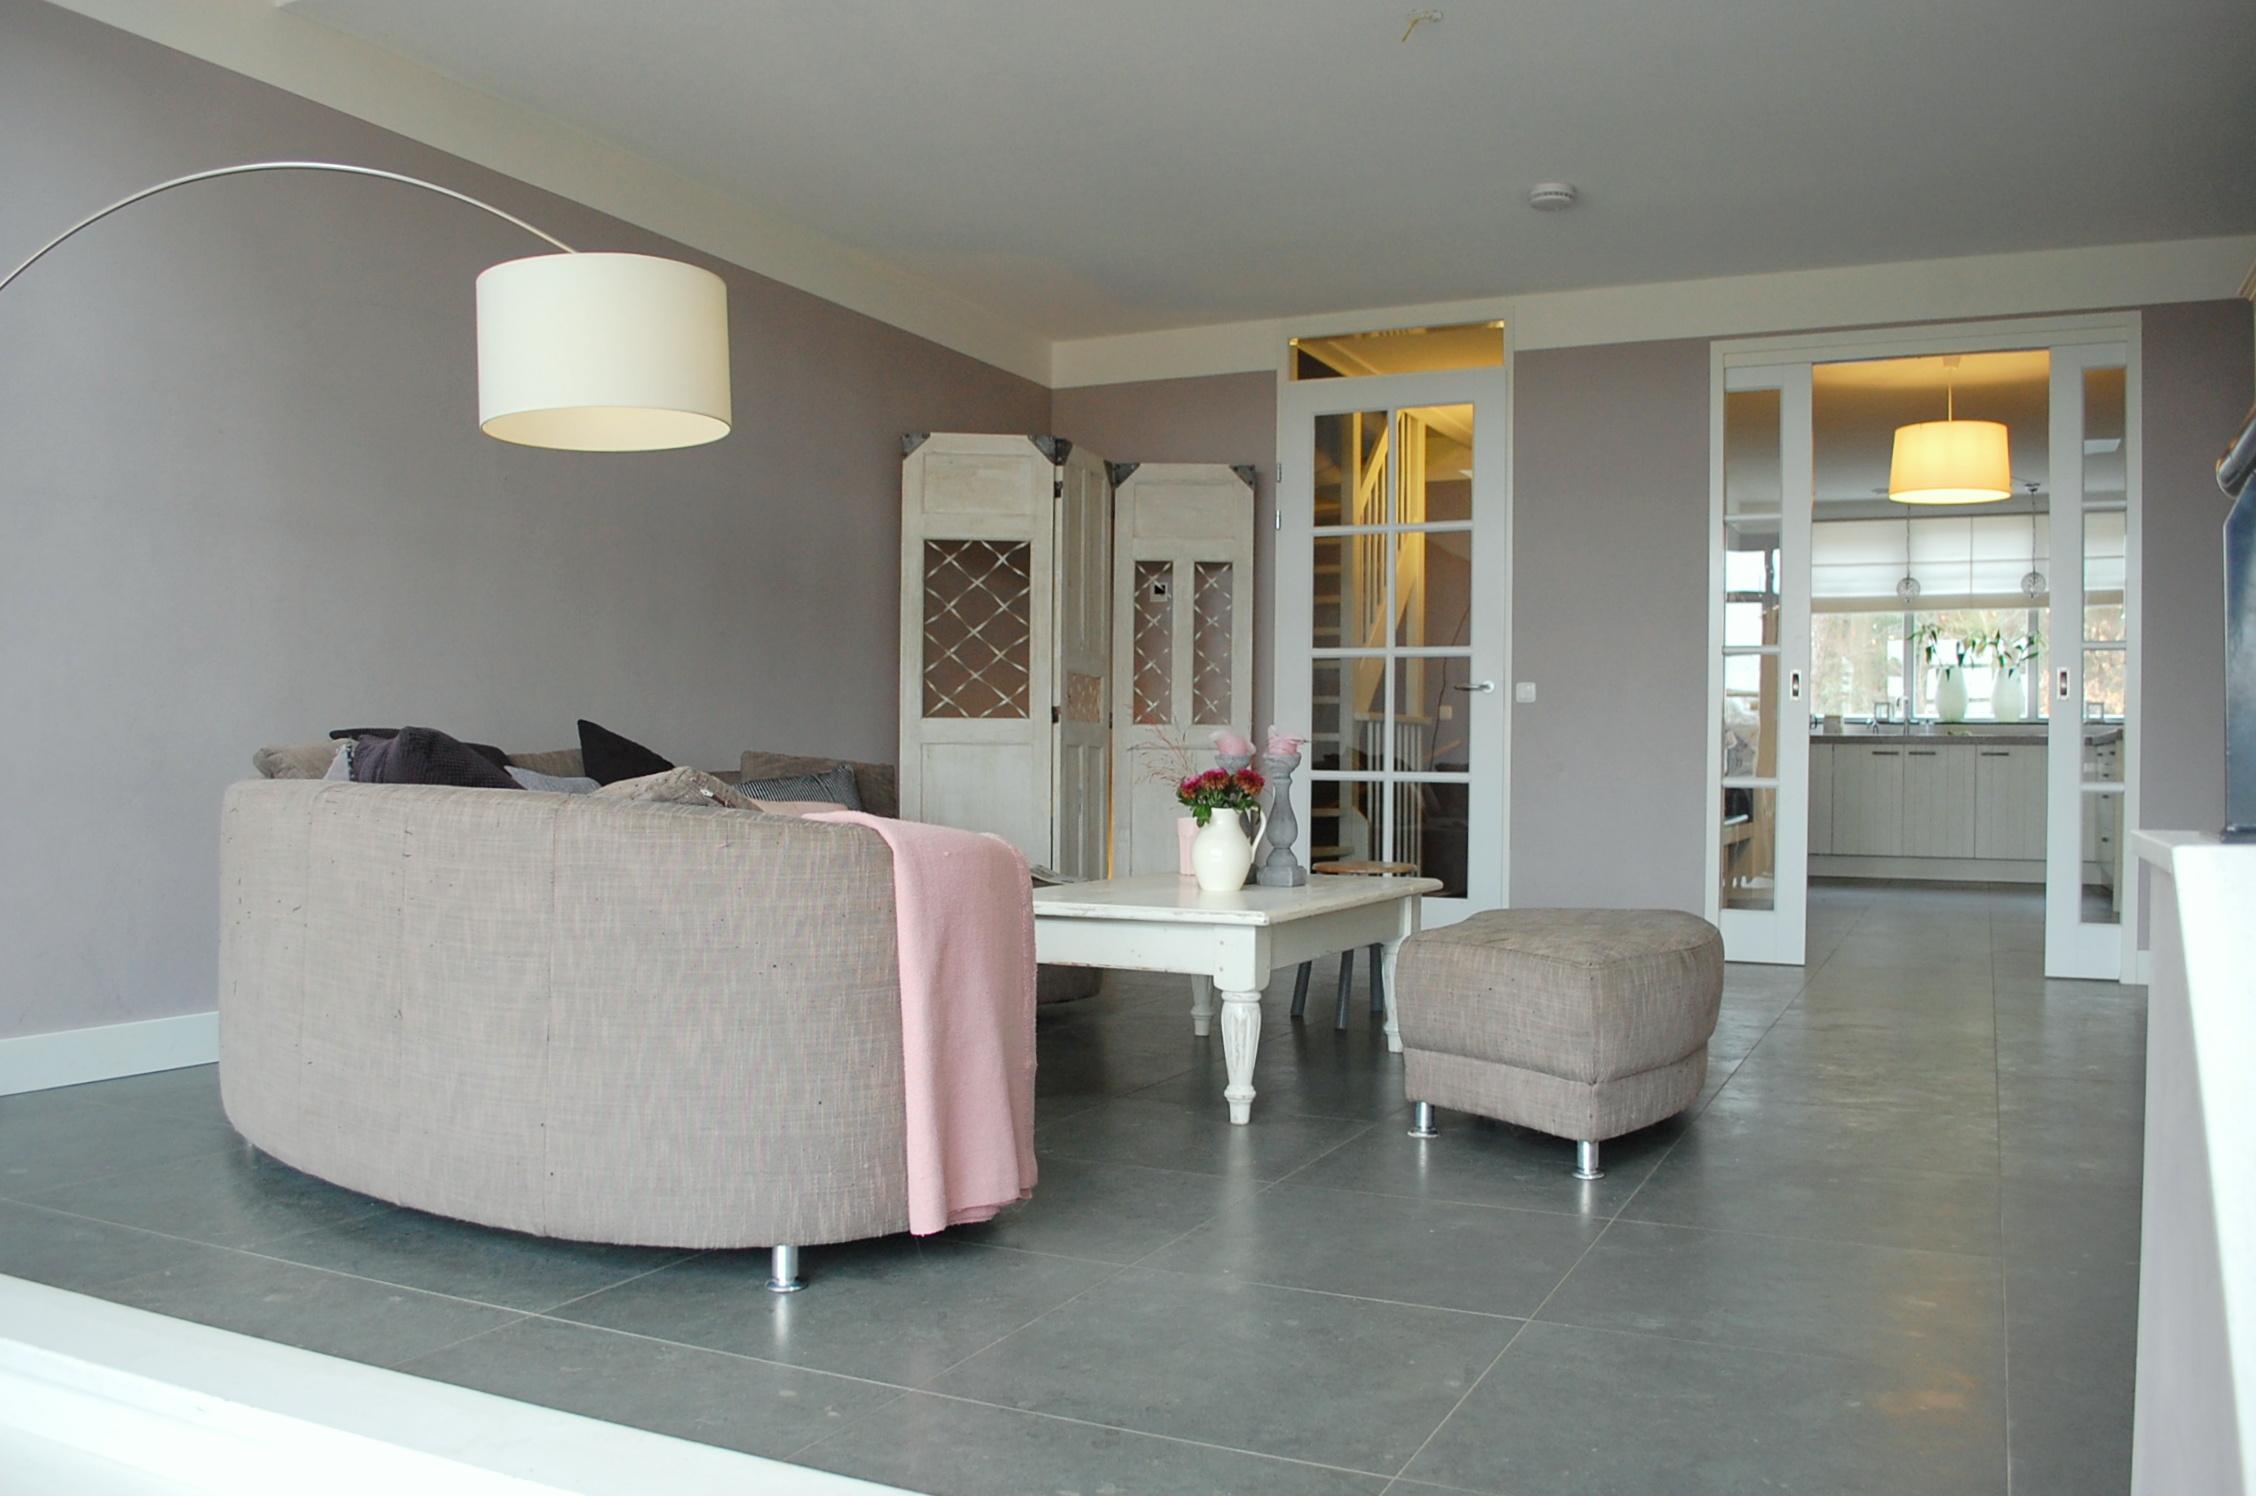 binnenkijken in een nieuw gebouwd herenhuis maison belle. Black Bedroom Furniture Sets. Home Design Ideas